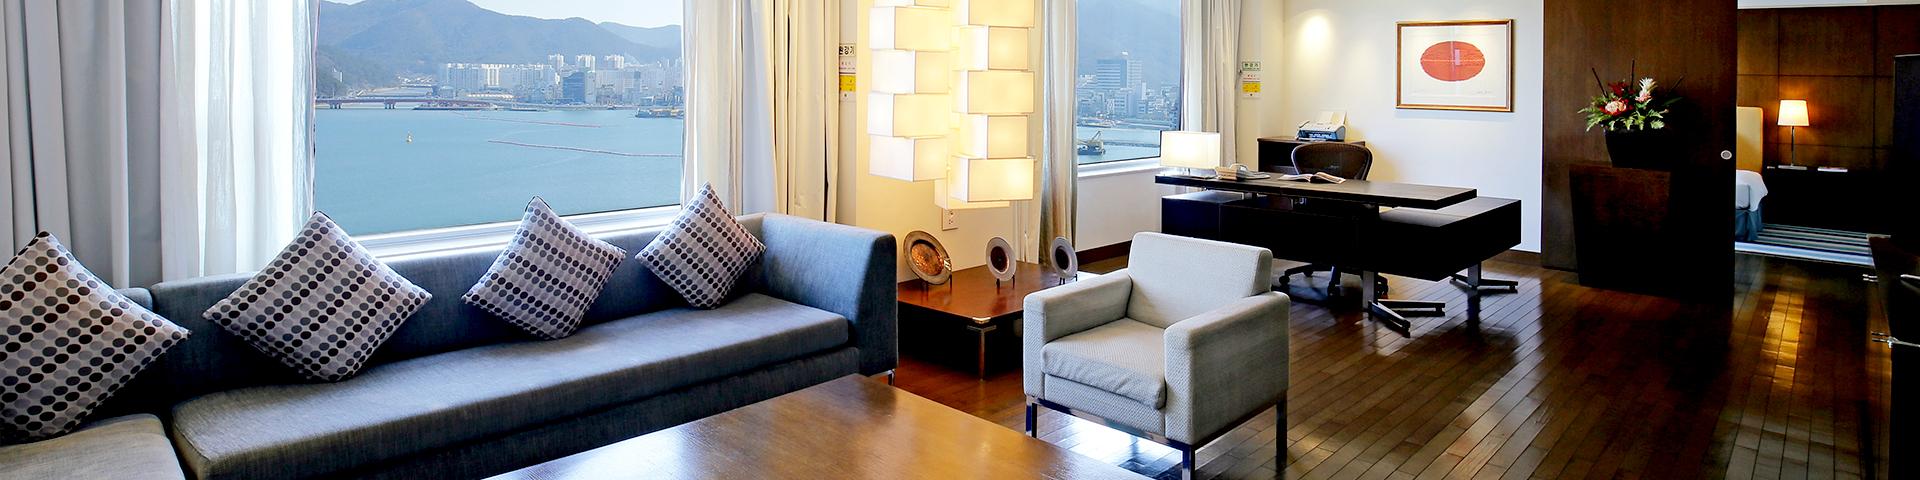 Confronto prezzi hotel